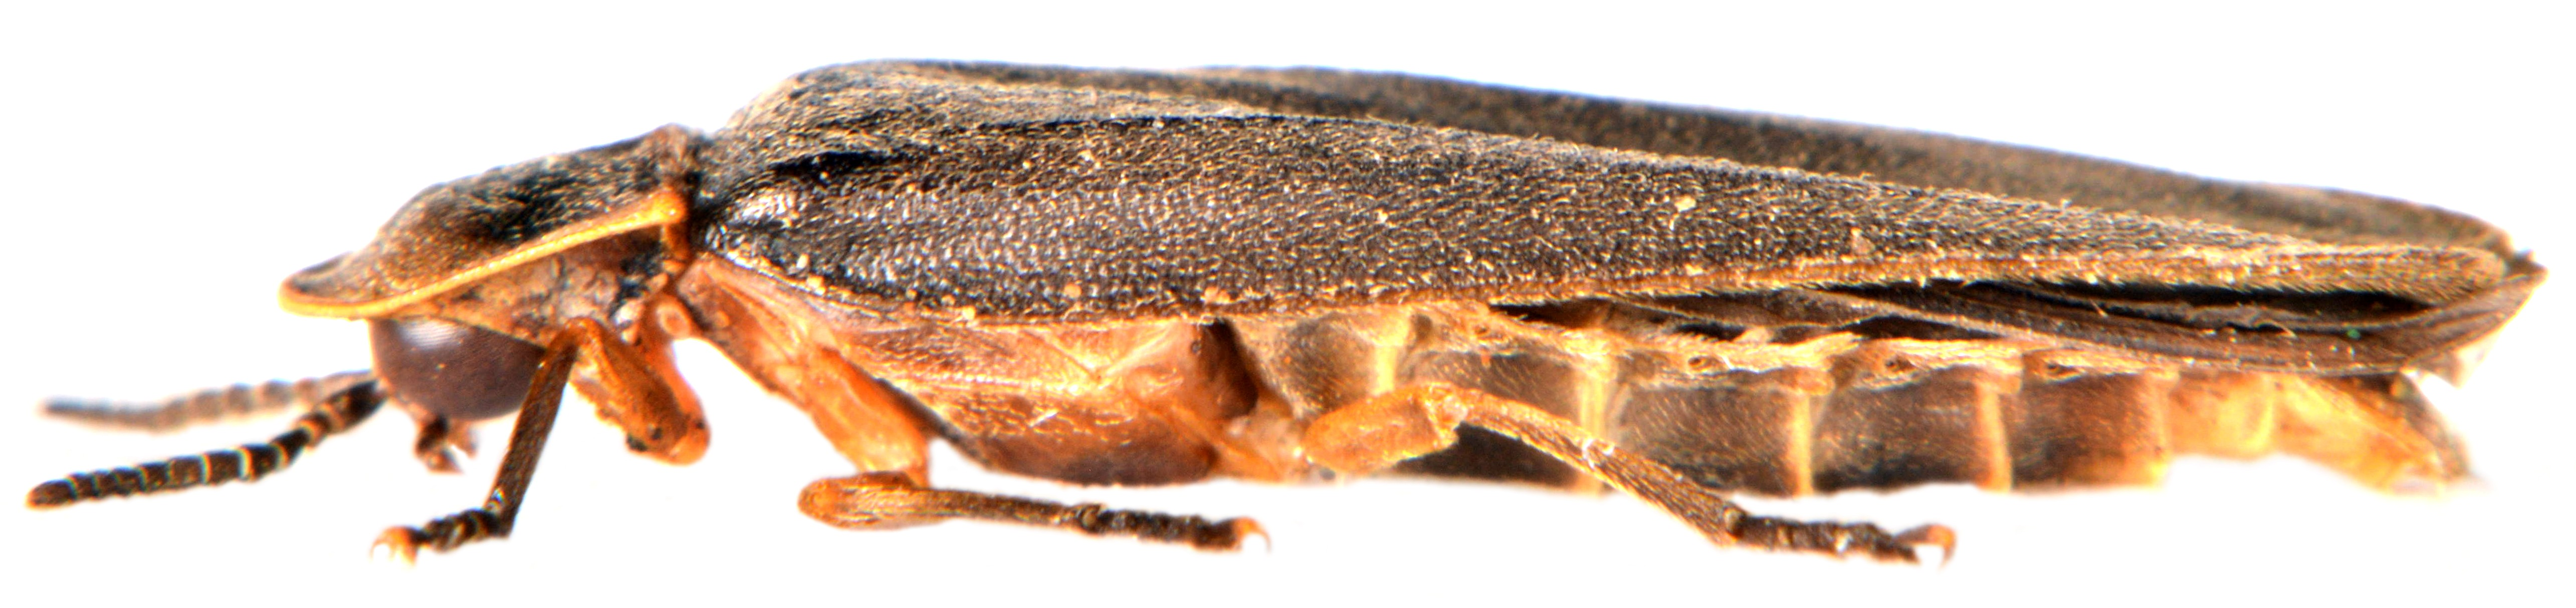 Lampyris noctiluca ♂